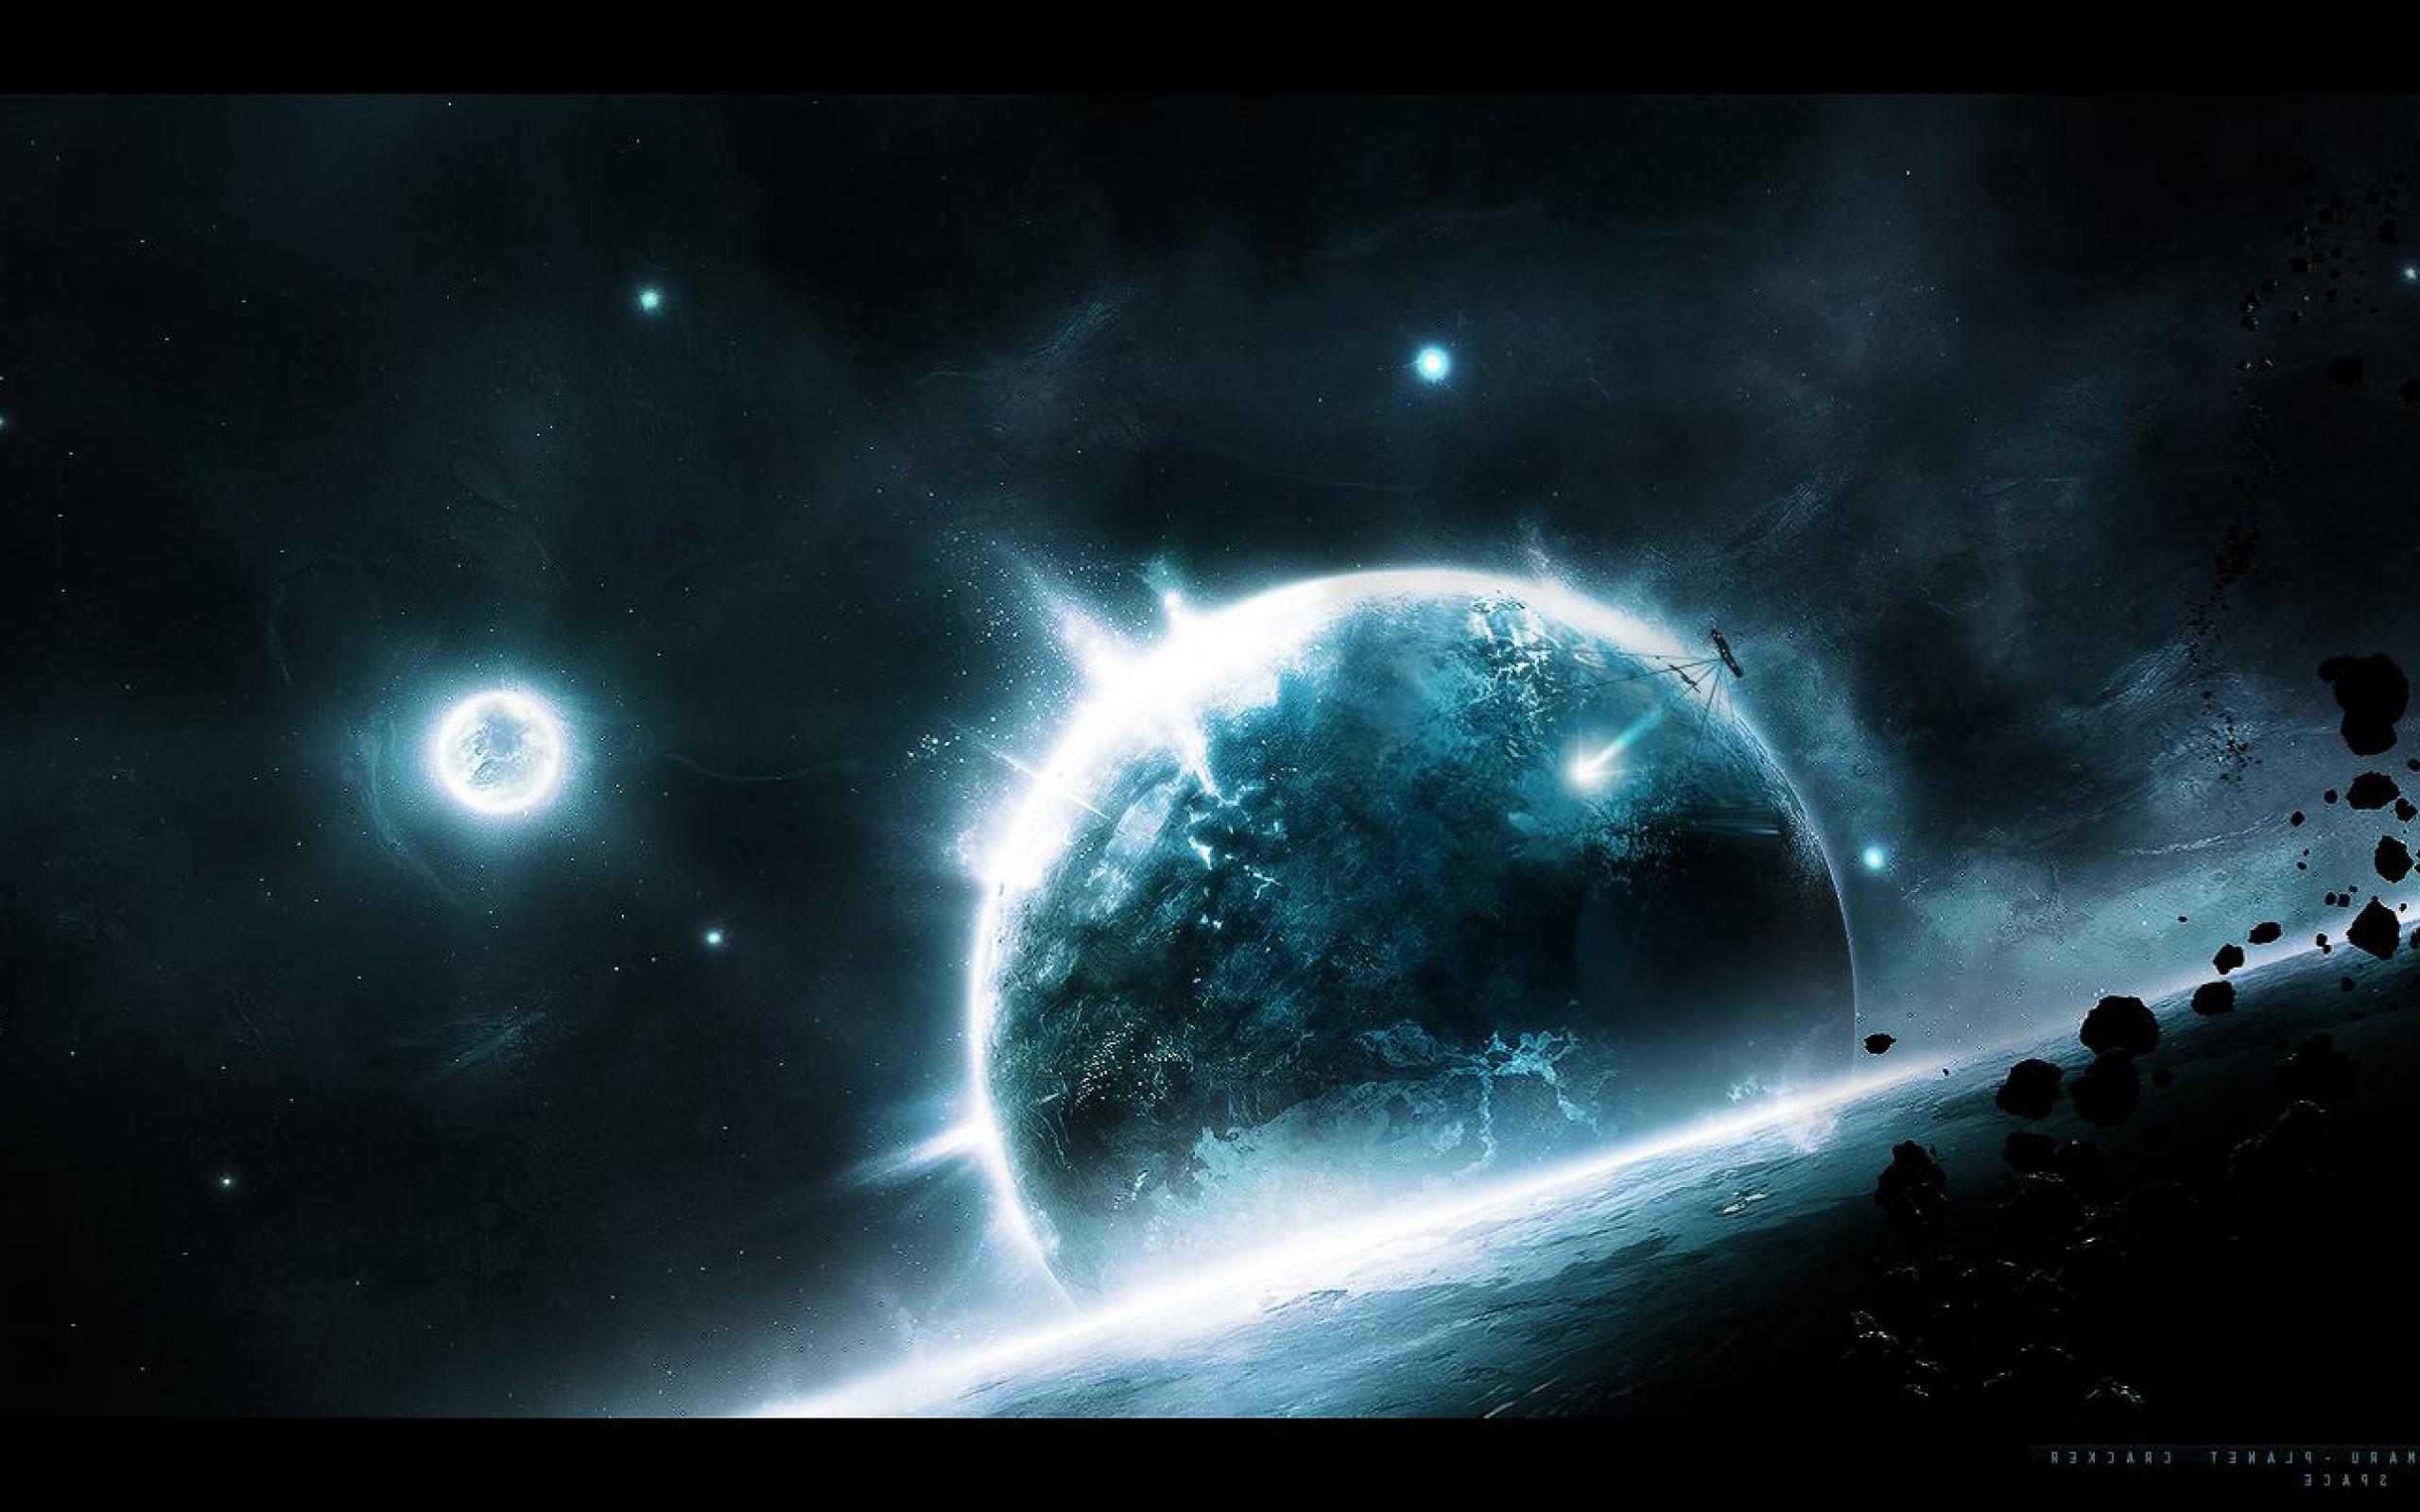 Hd Sci Fi wallpaper   1104880 2560x1600